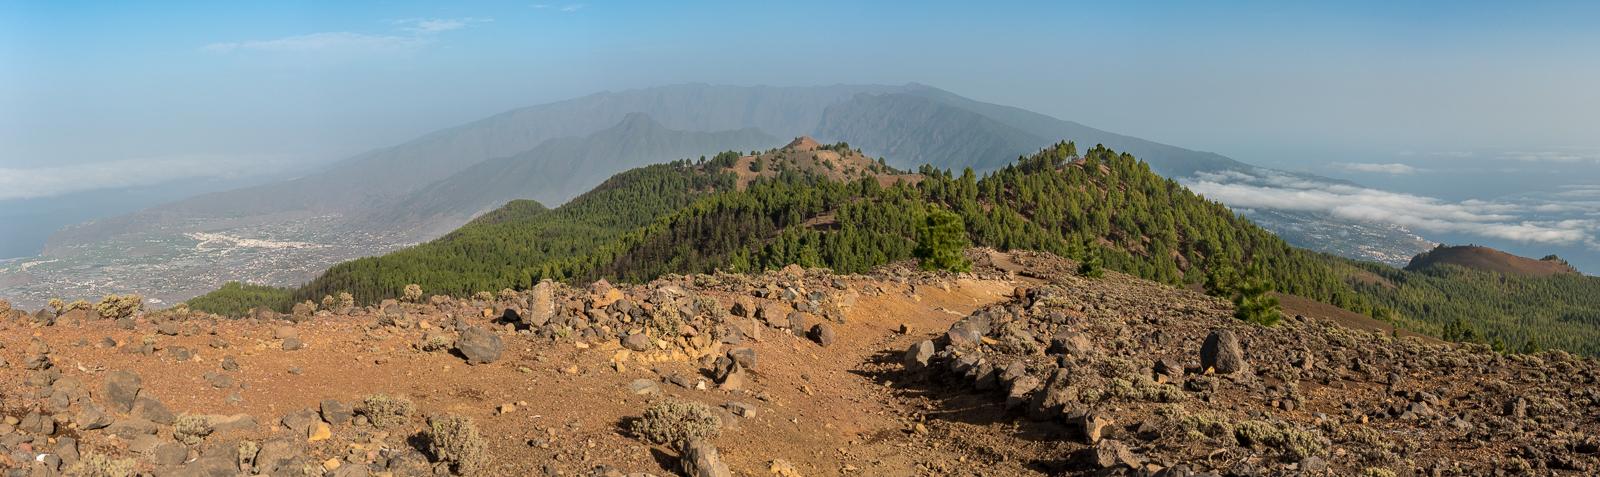 Auf der Vulkanroute, knapp 2000 Meter hoch